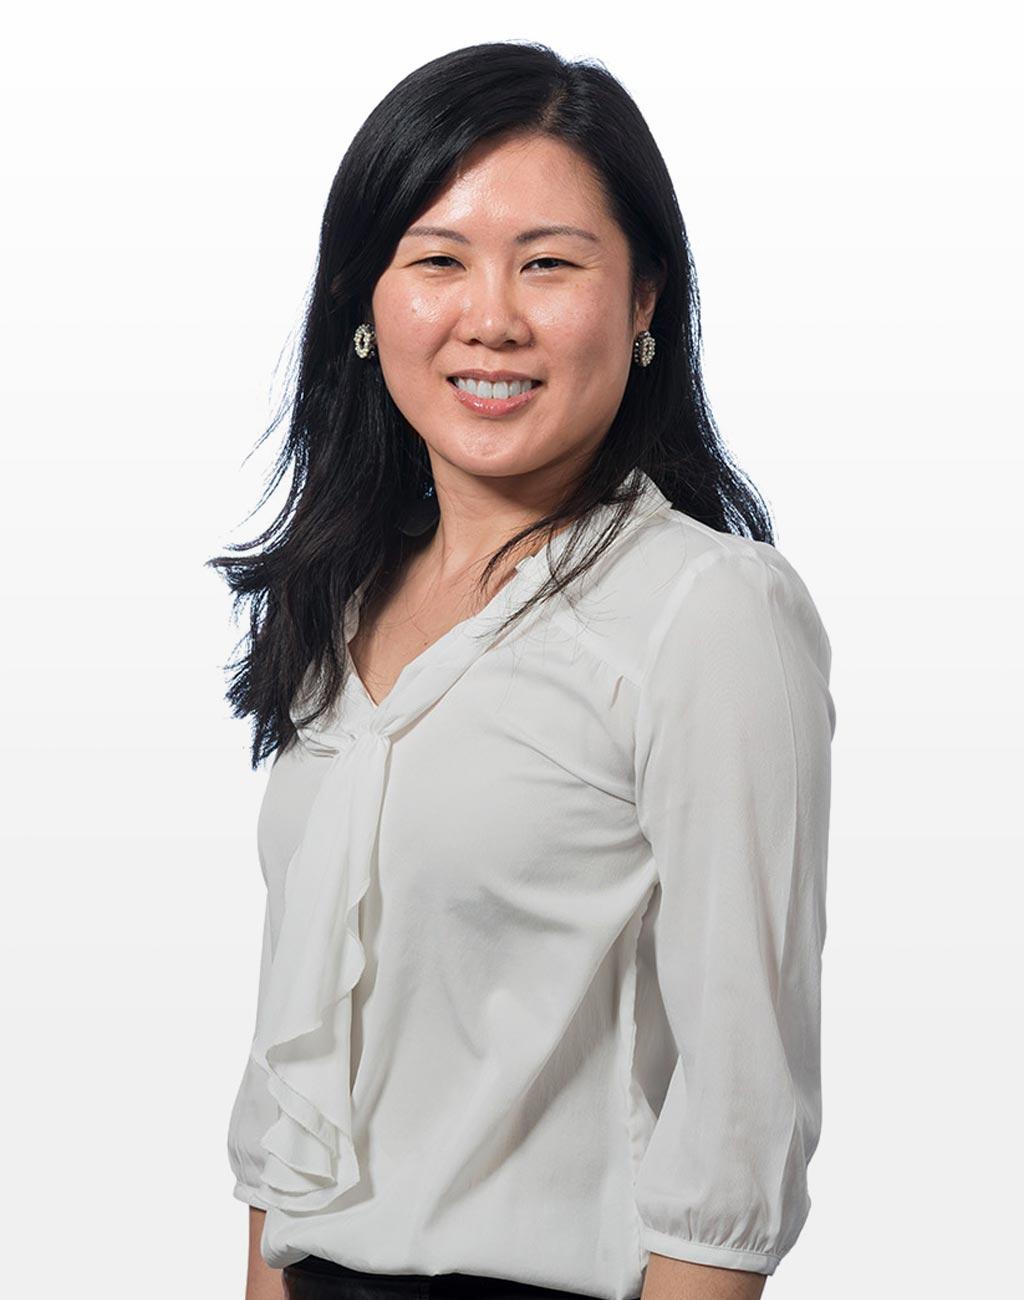 Lee-Hwee Chong